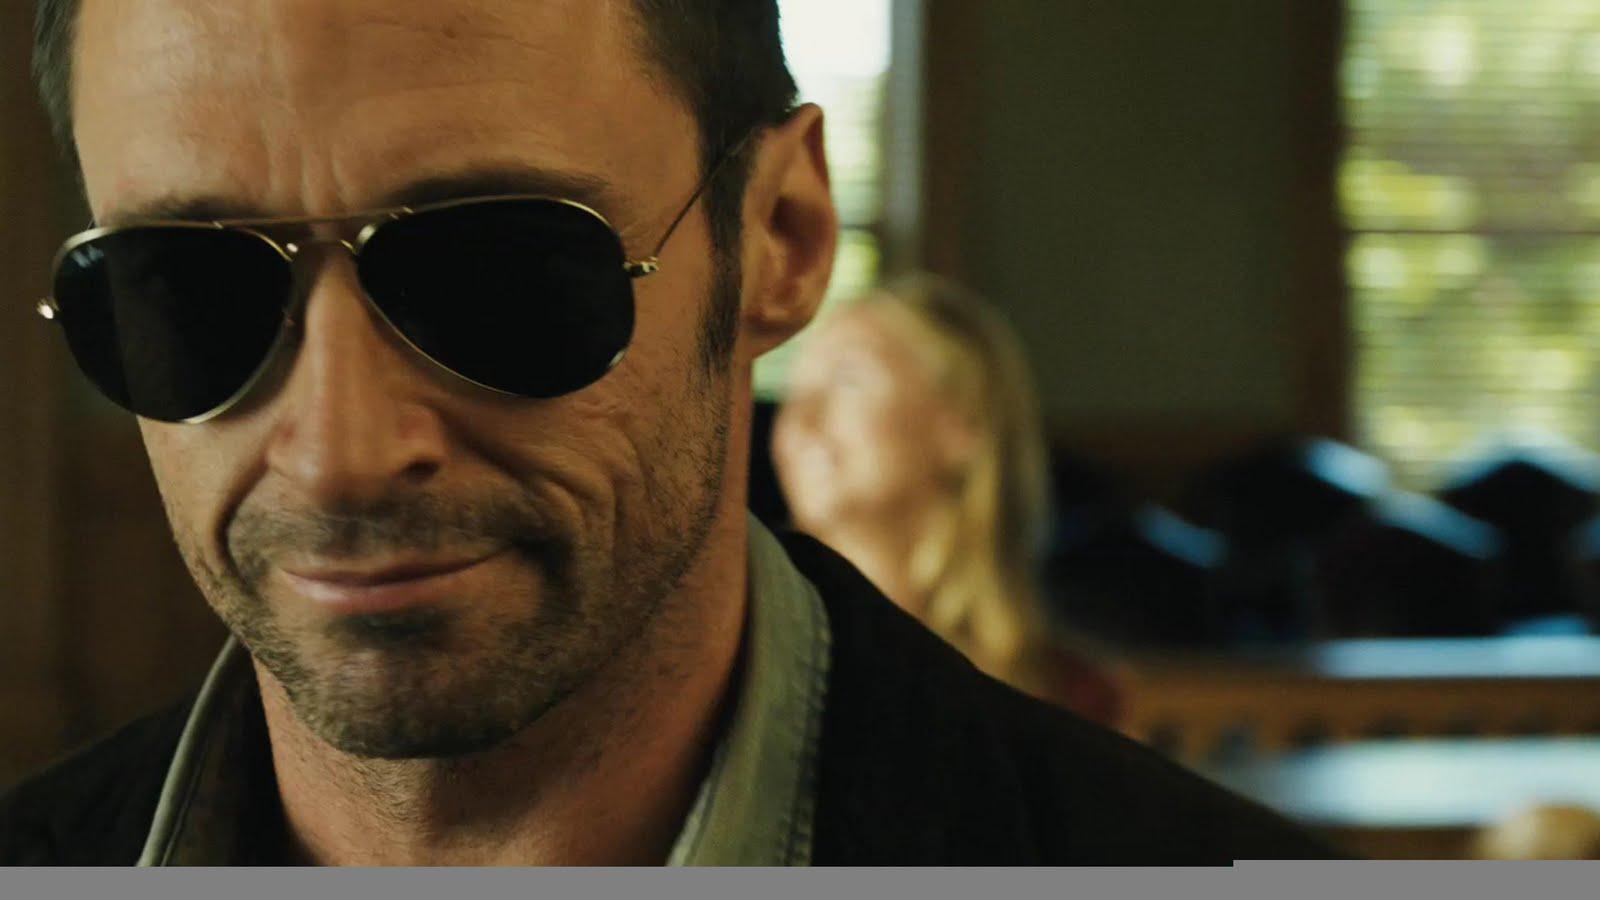 http://2.bp.blogspot.com/-jpmuPtUjifg/TmMrlPic-0I/AAAAAAAABvc/-CtcIr5hAJo/s1600/Real-Steel-2011-movie-Hugh_Jackman-7.jpg